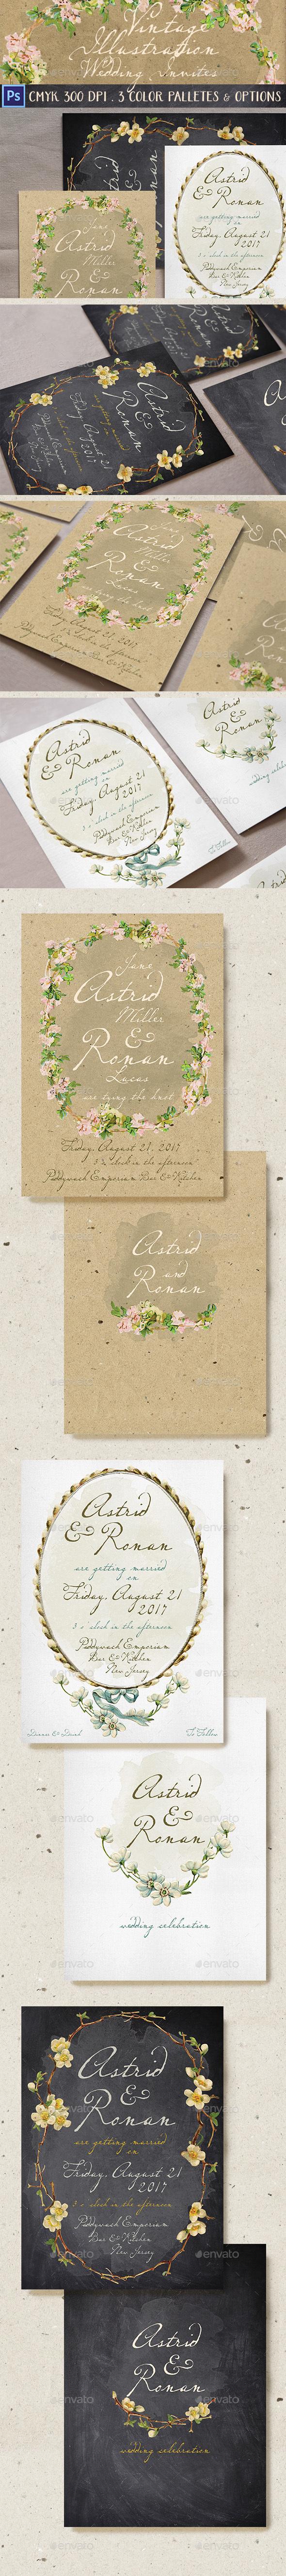 Vintage Illustration Wedding Invitation